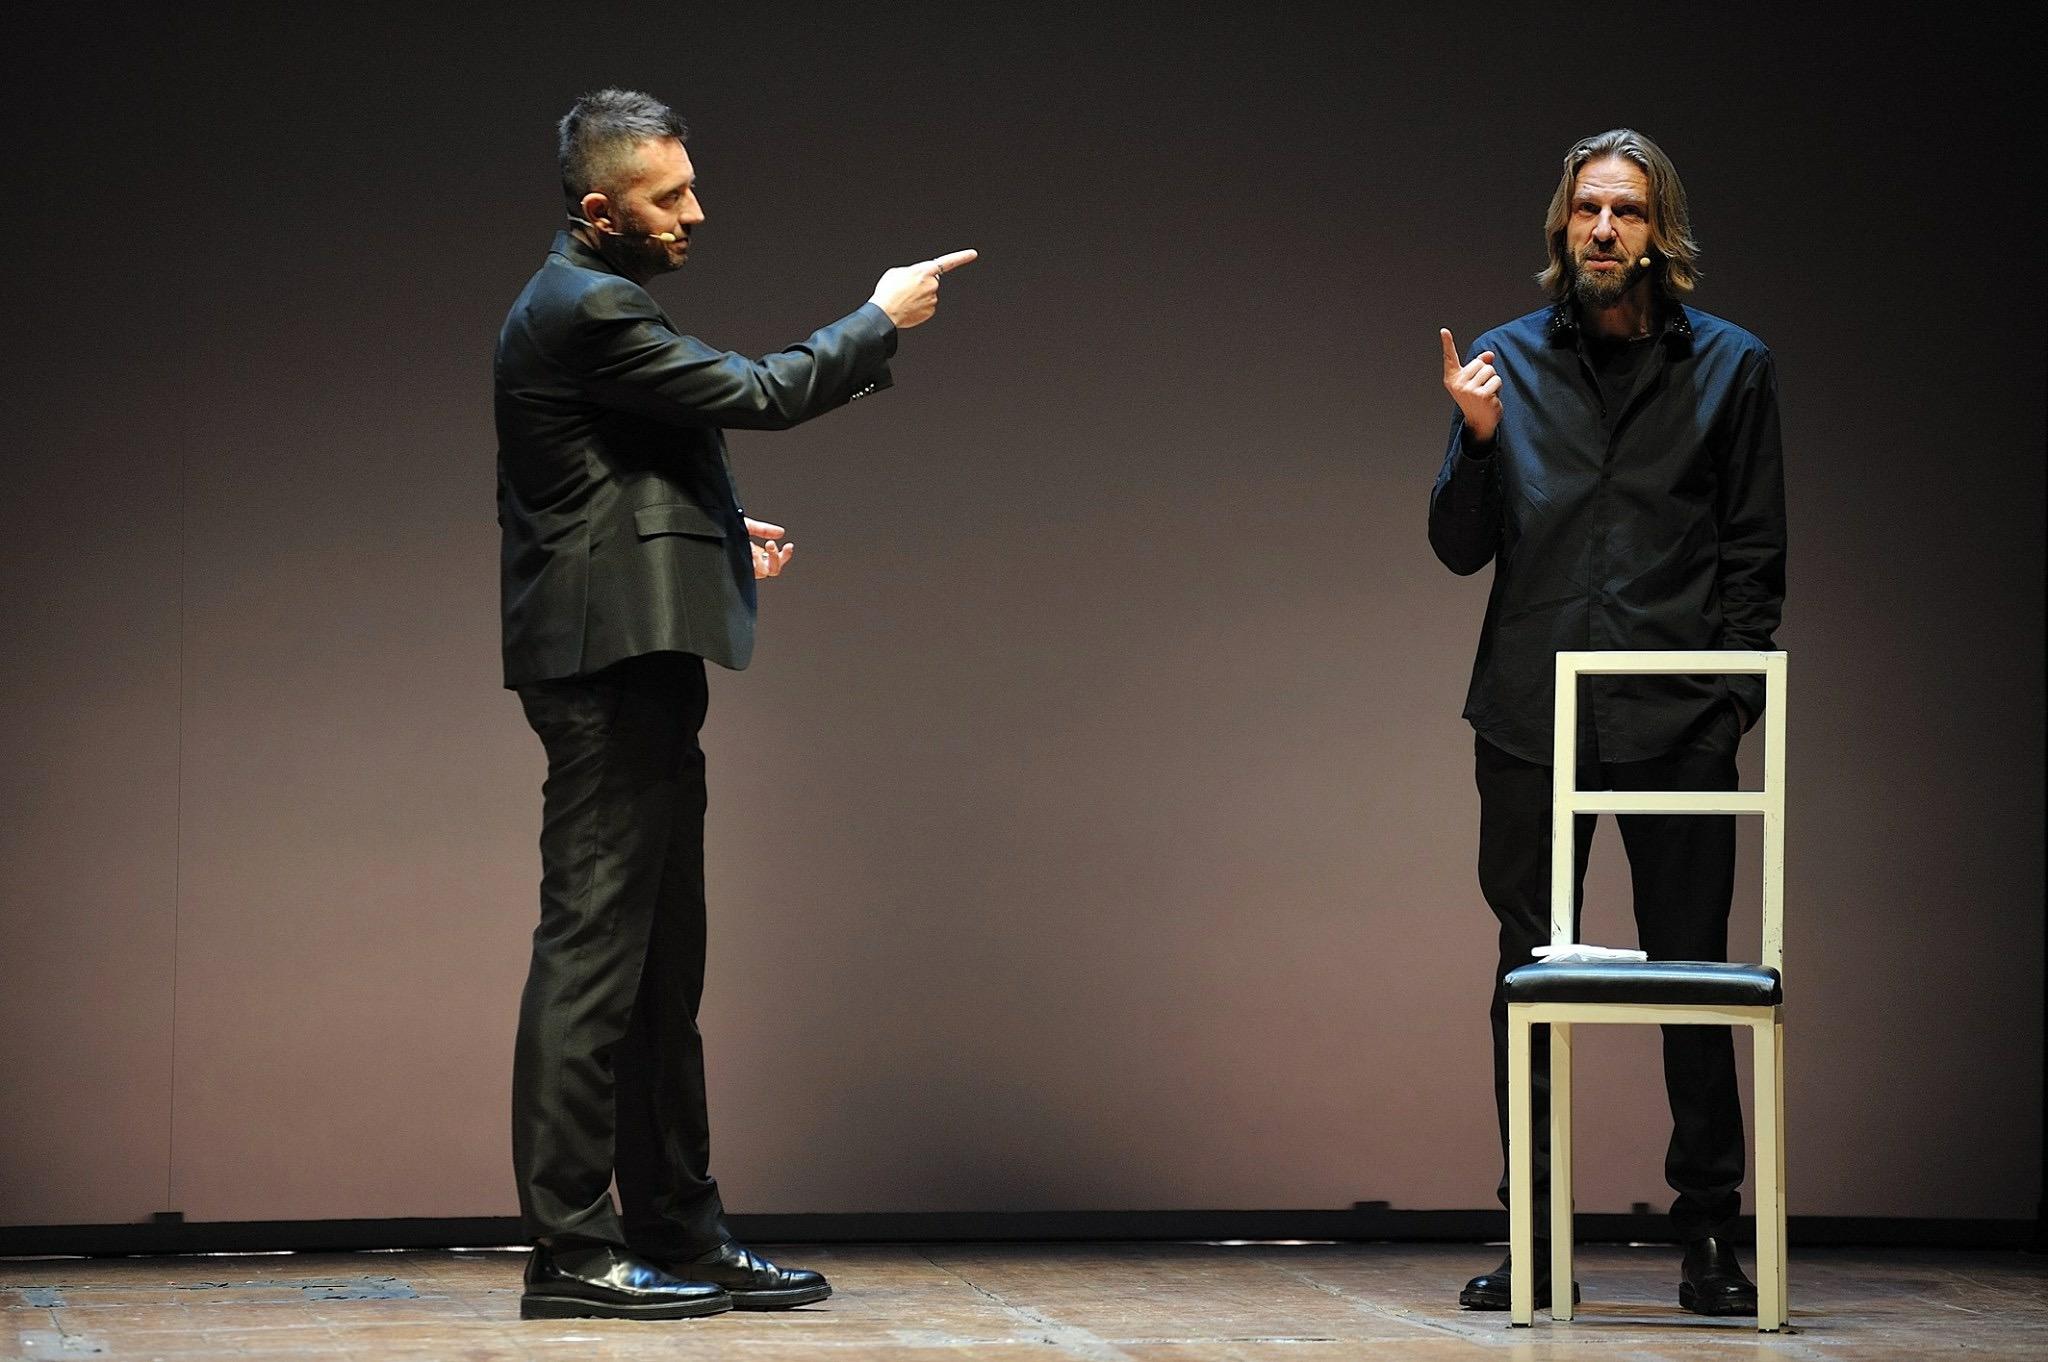 Le journaliste Andrea Scanzi, à gauche, Giulio Casale à droite. © Leonardo Arrisi